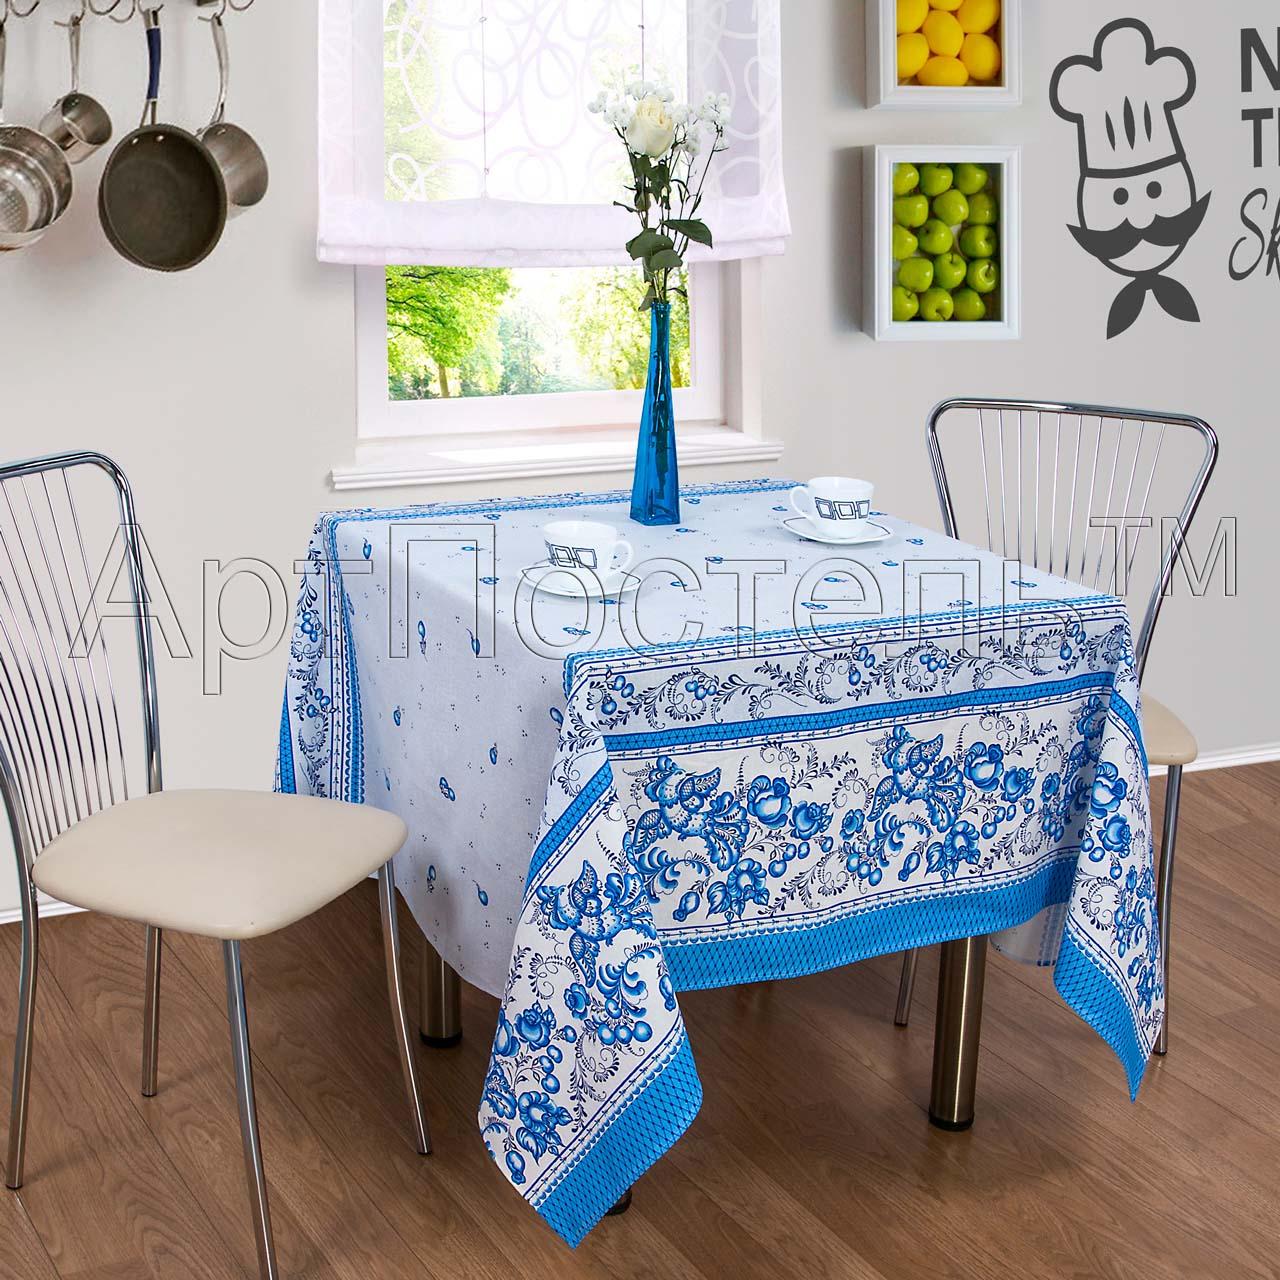 Скатерть  Хрусталь  р. 260х145 - Текстиль для дома артикул: 29800